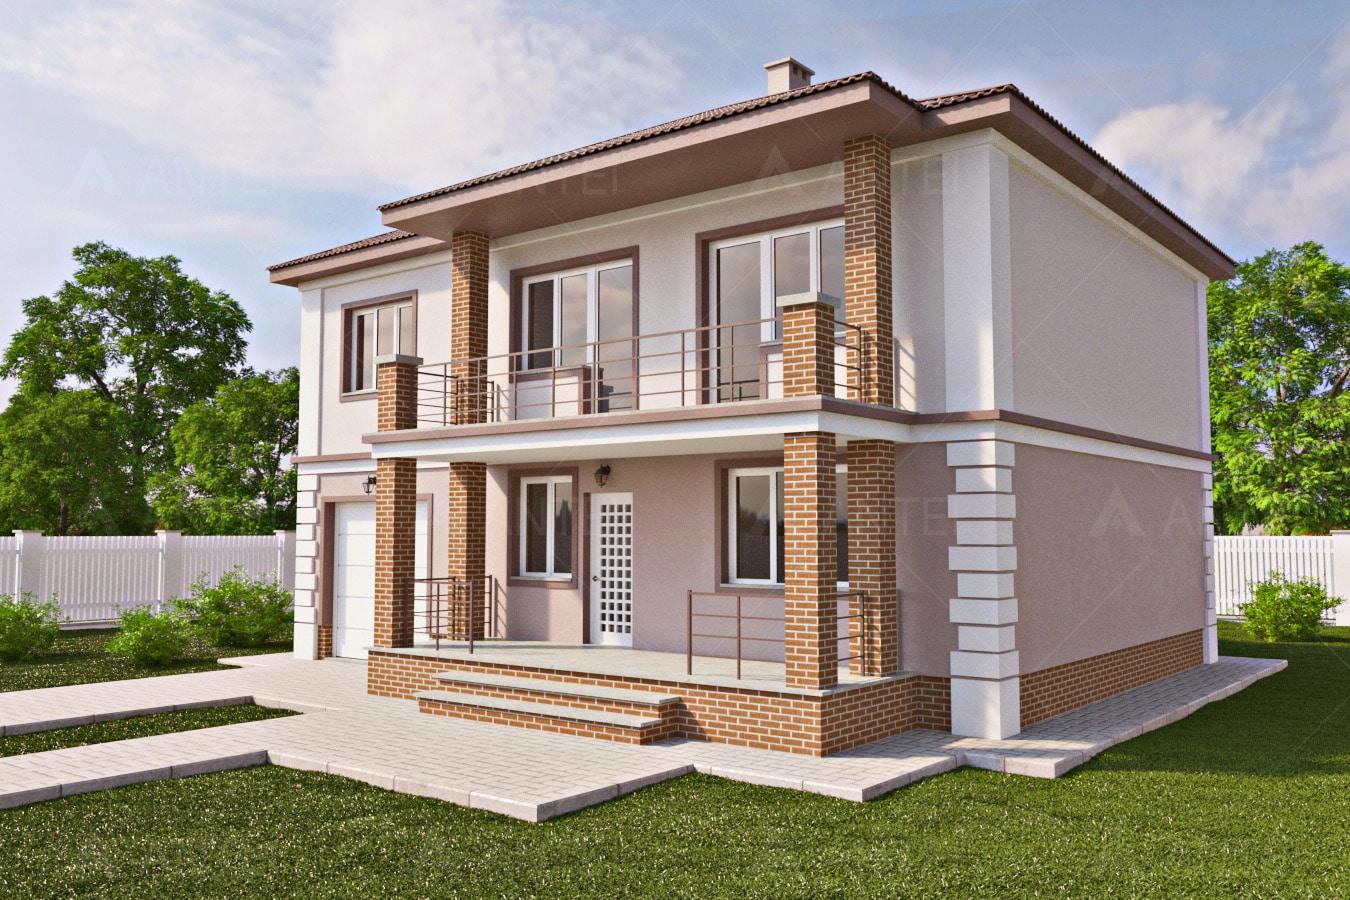 Проект двухэтажного дома с гаражом, террасой и балконом «КД-29» - фото №1